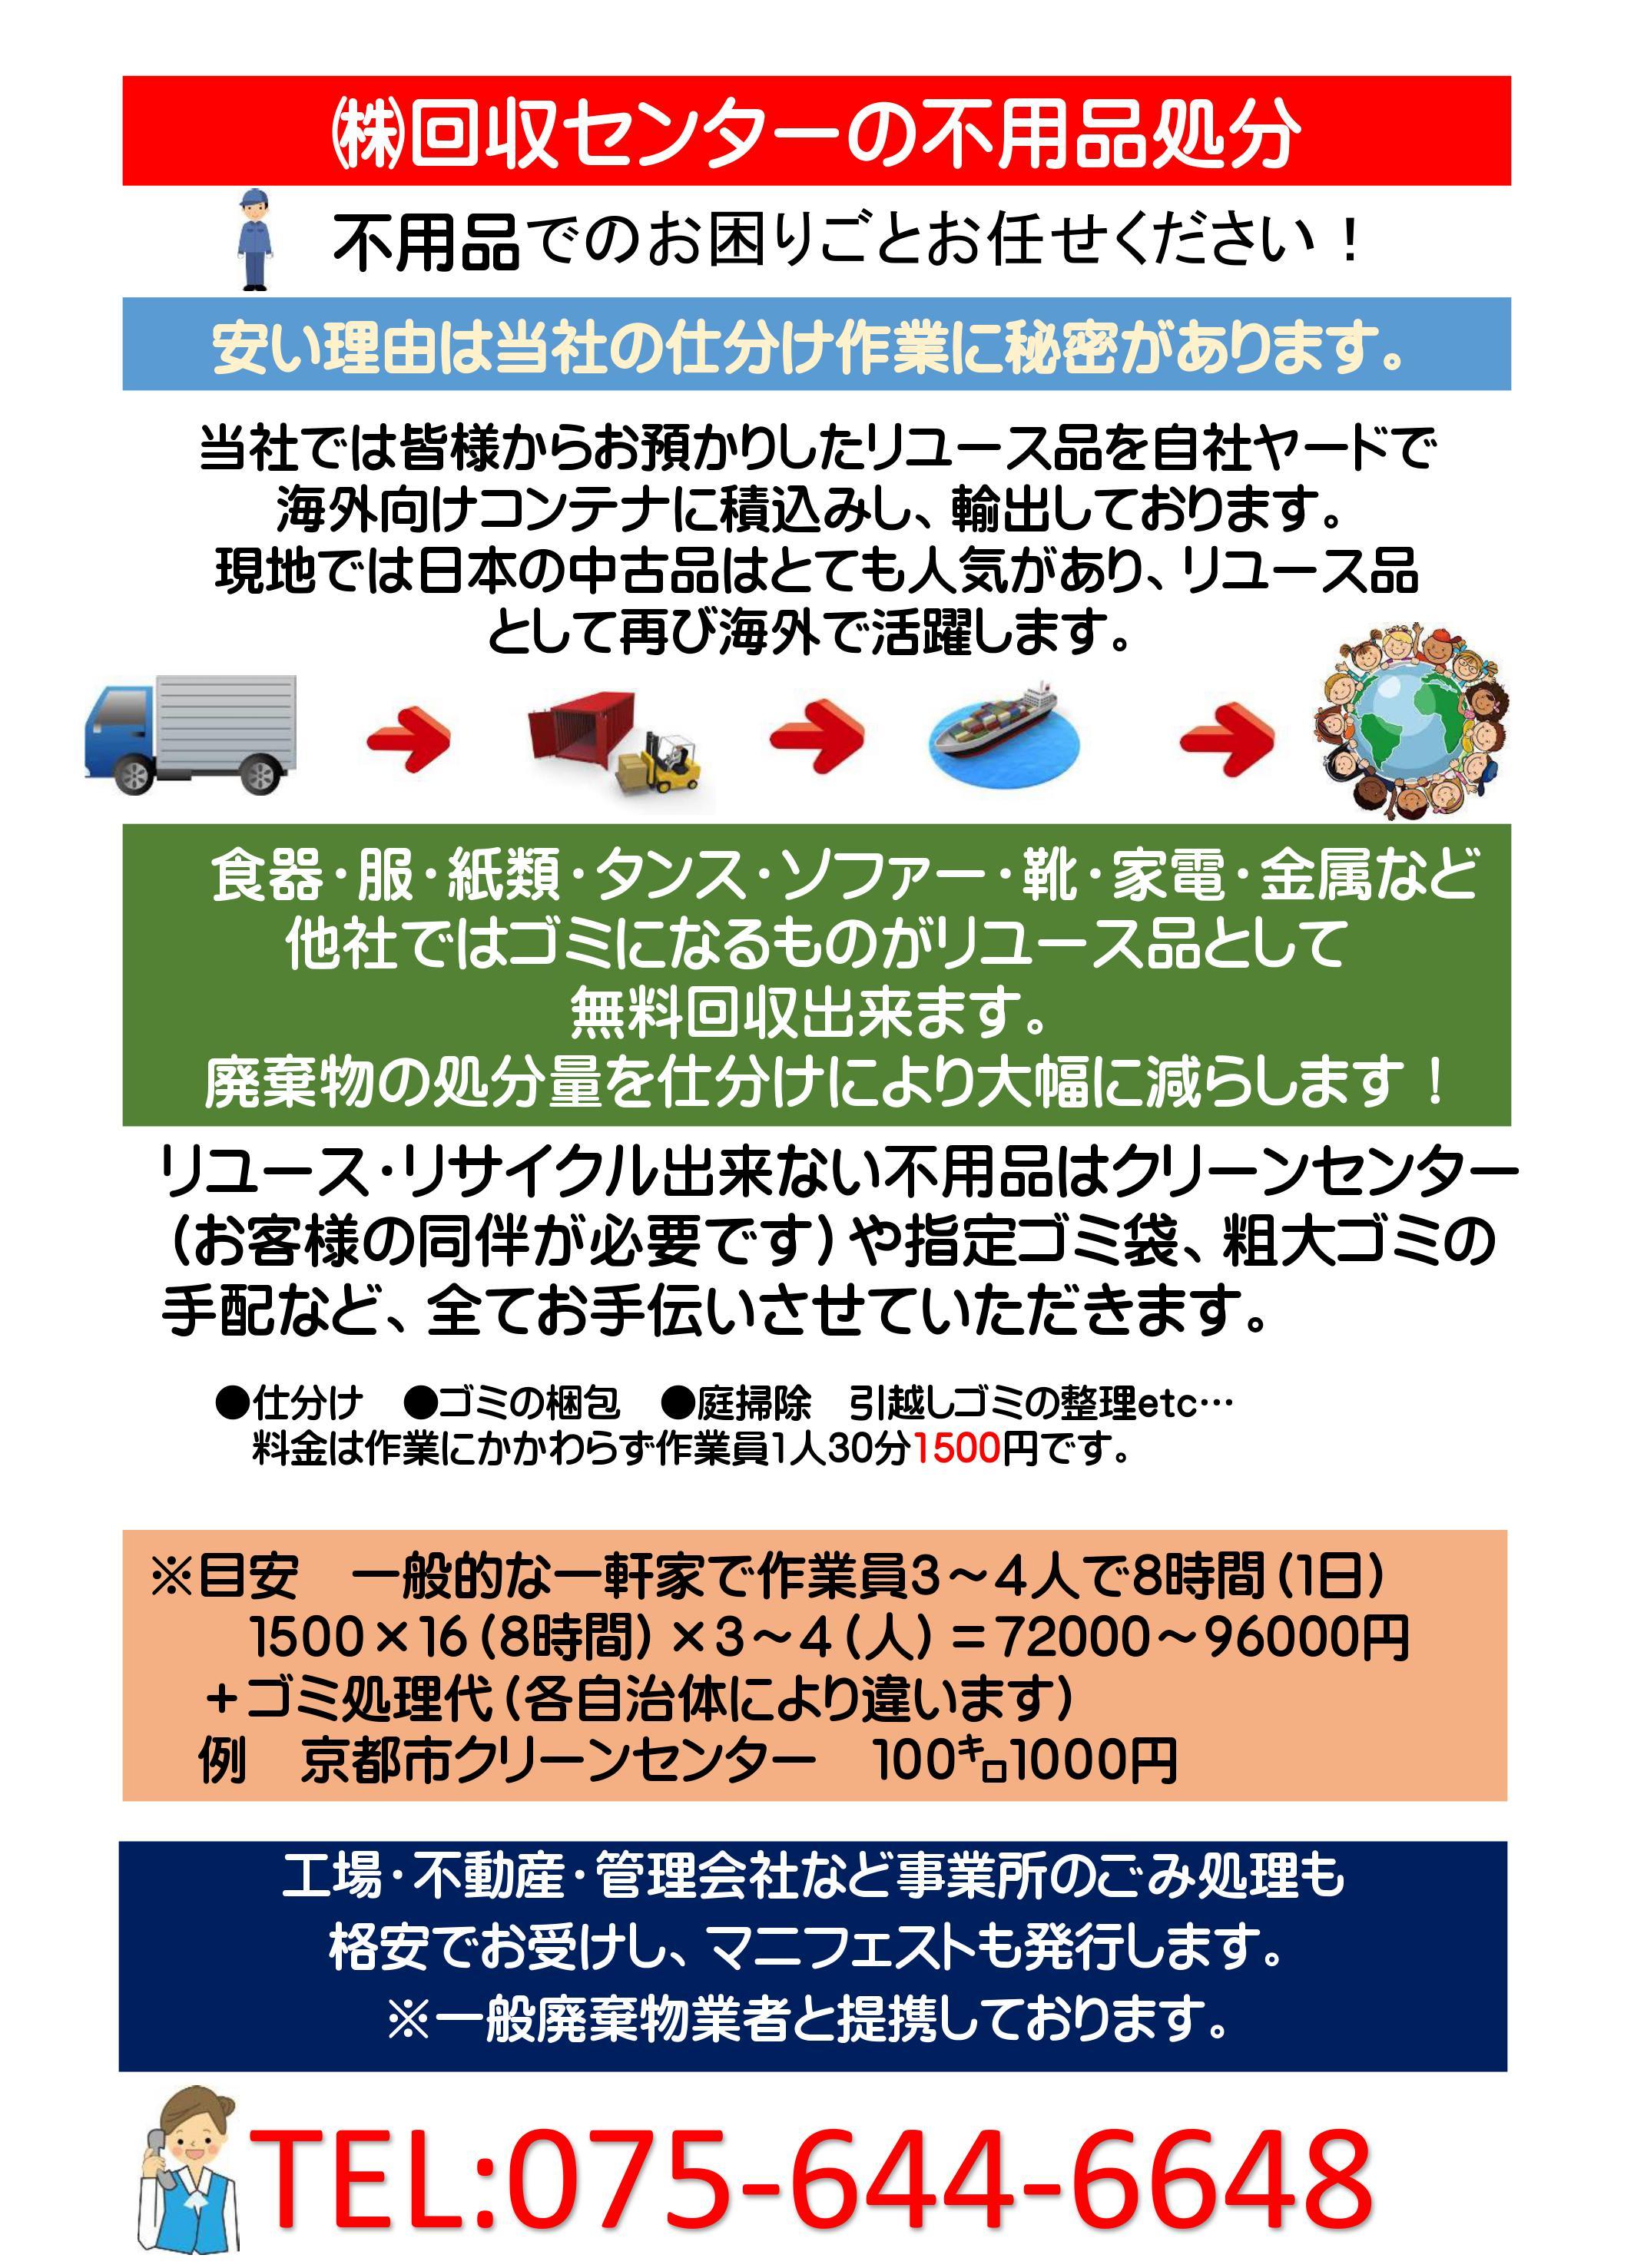 大型 京都 ゴミ 市